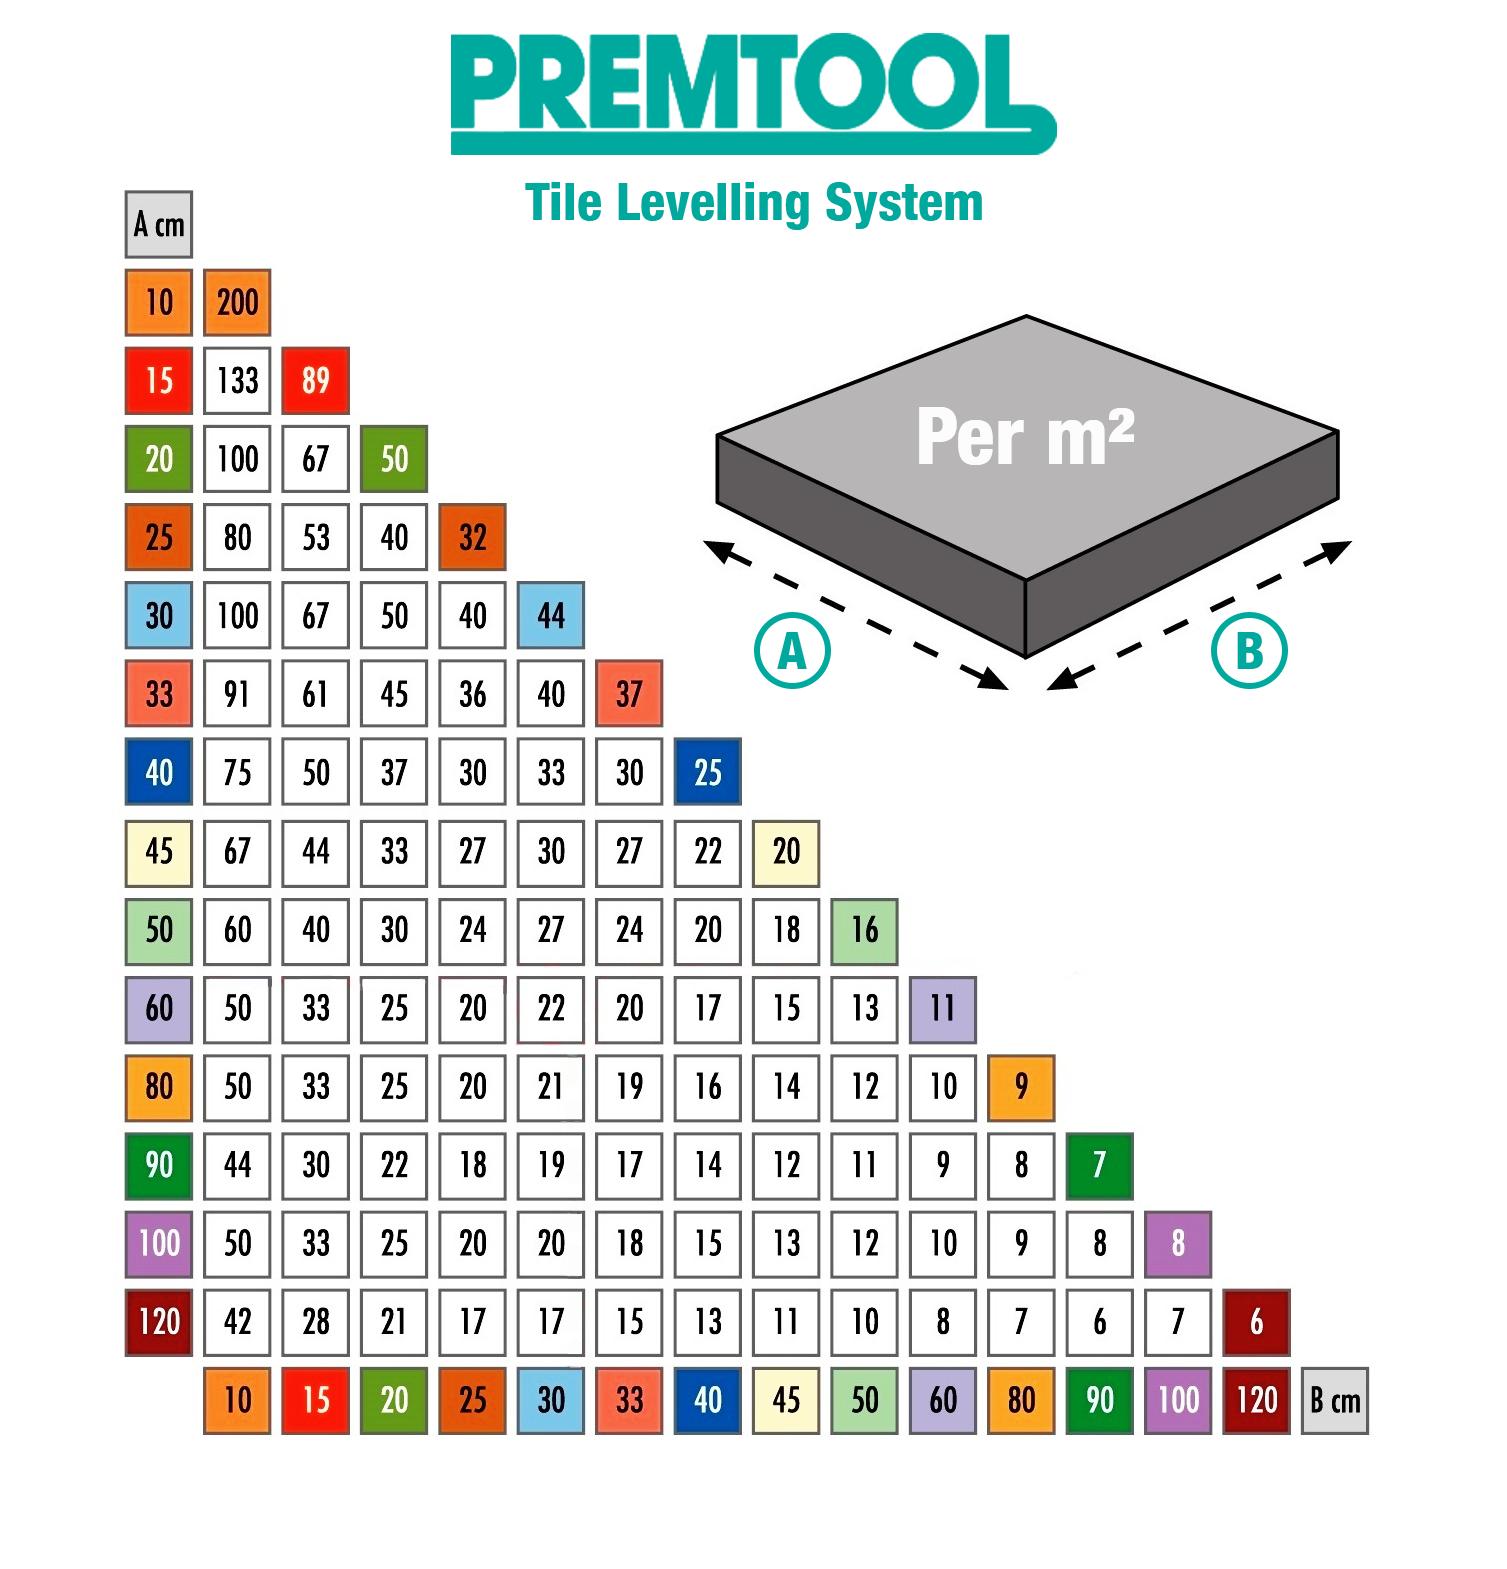 premtool tile levelling system short clip 1mm spacer x100 tls c10 buy tiling consumables. Black Bedroom Furniture Sets. Home Design Ideas